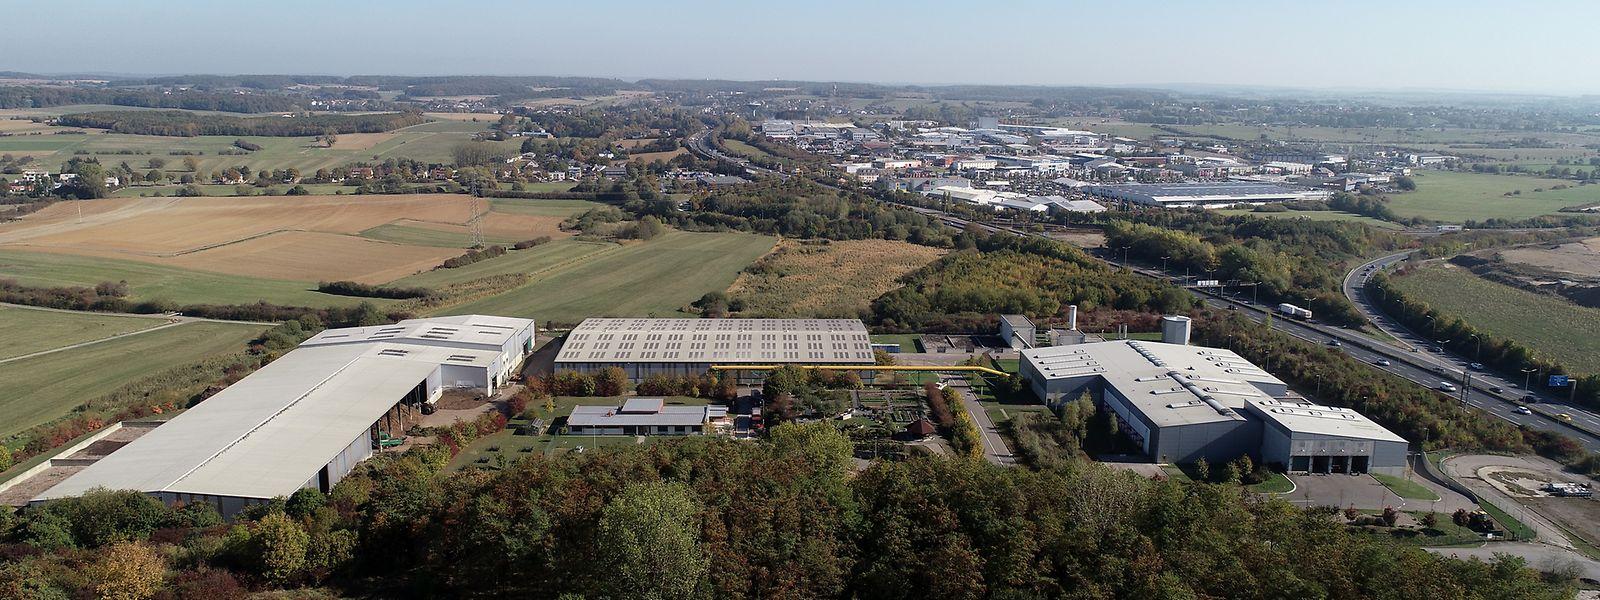 Eine Studie für den Ausbau des Minettkompost, der sich unterhalb der stillgelegten Monnericher Bauschuttdeponie befindet, wurde bereits in Auftrag gegeben.